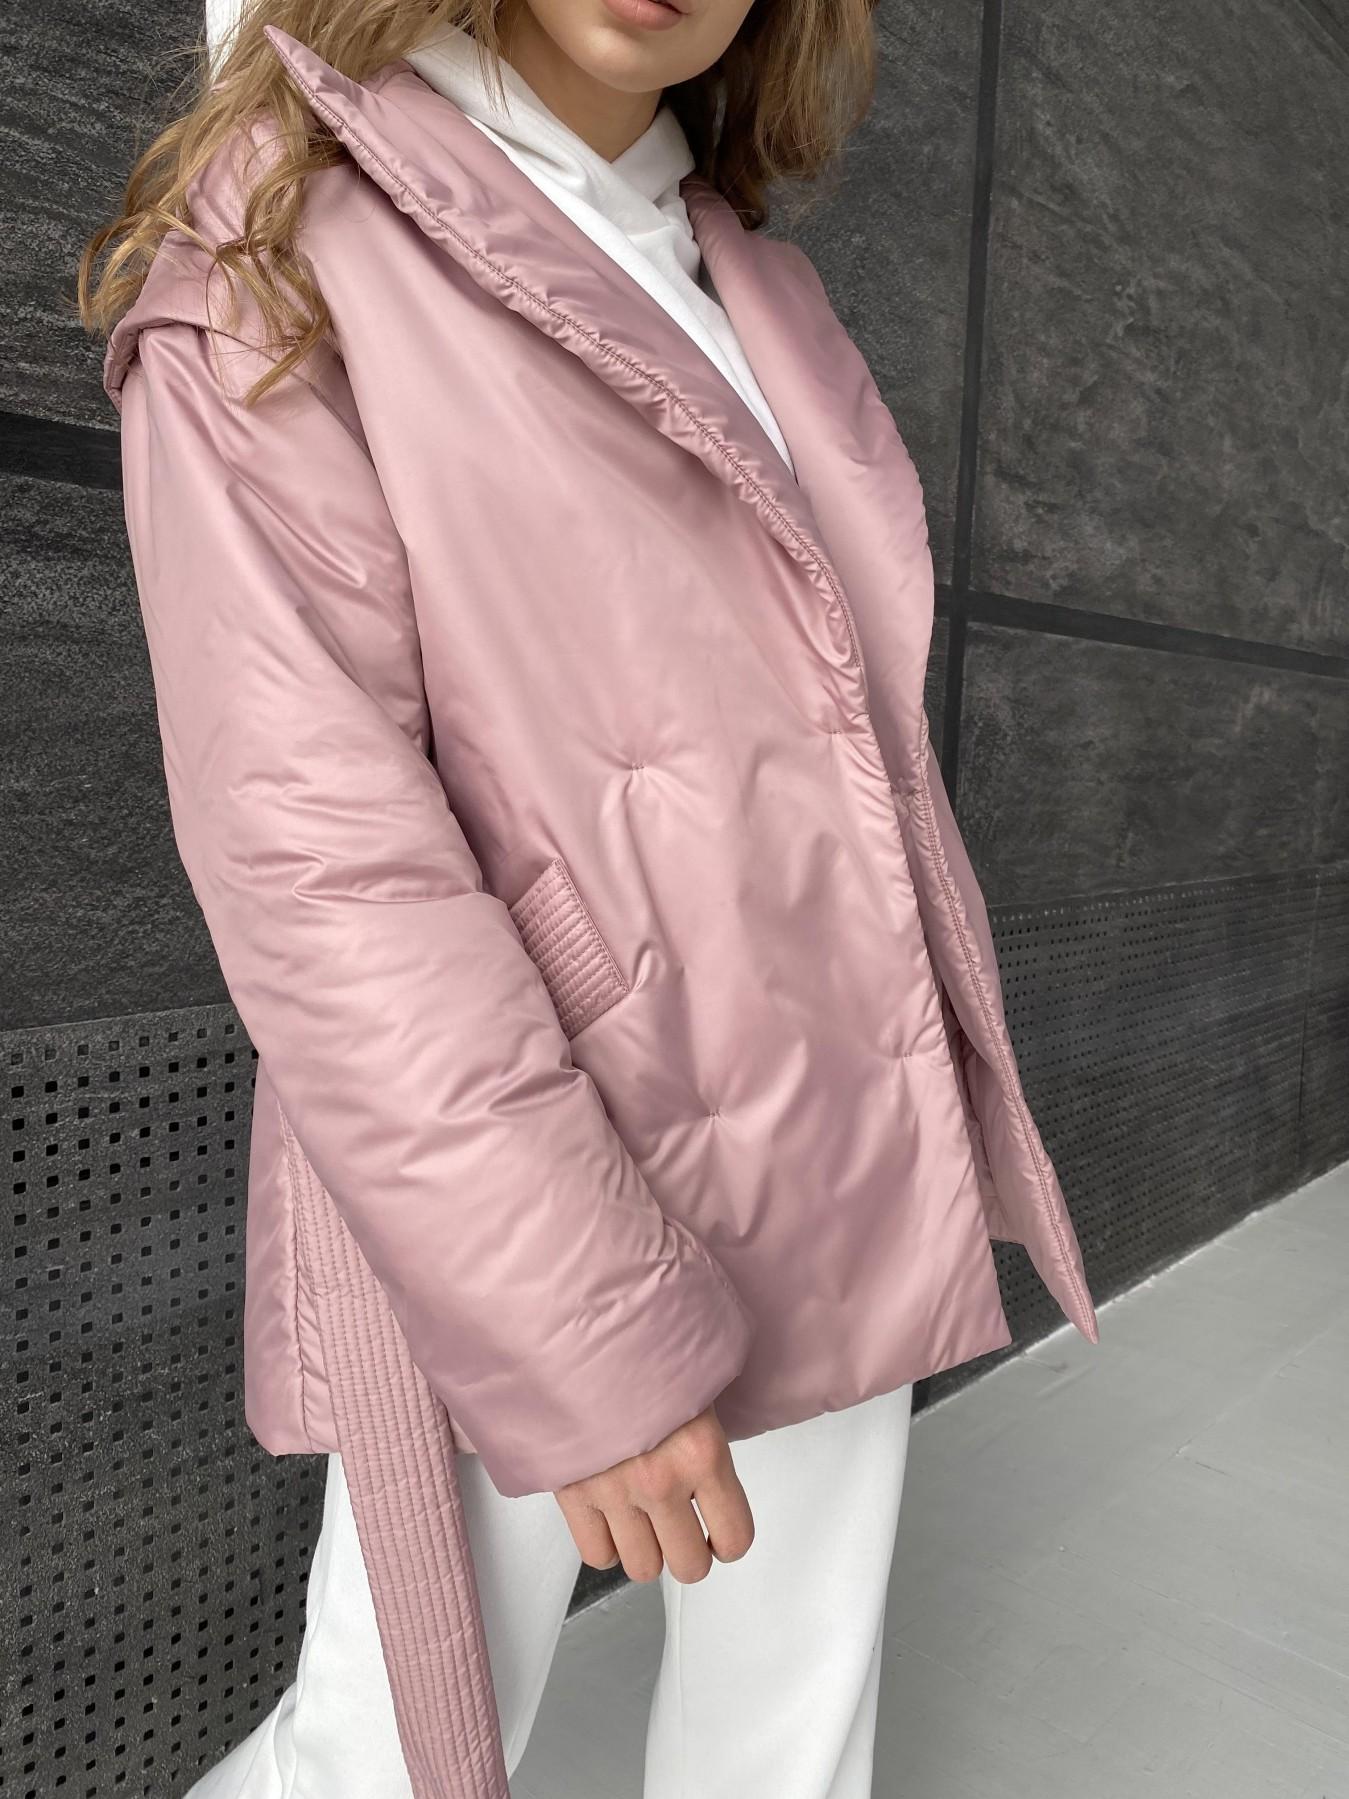 Форбс куртка из плащевой ткани 10986 АРТ. 47477 Цвет: Пудра - фото 9, интернет магазин tm-modus.ru